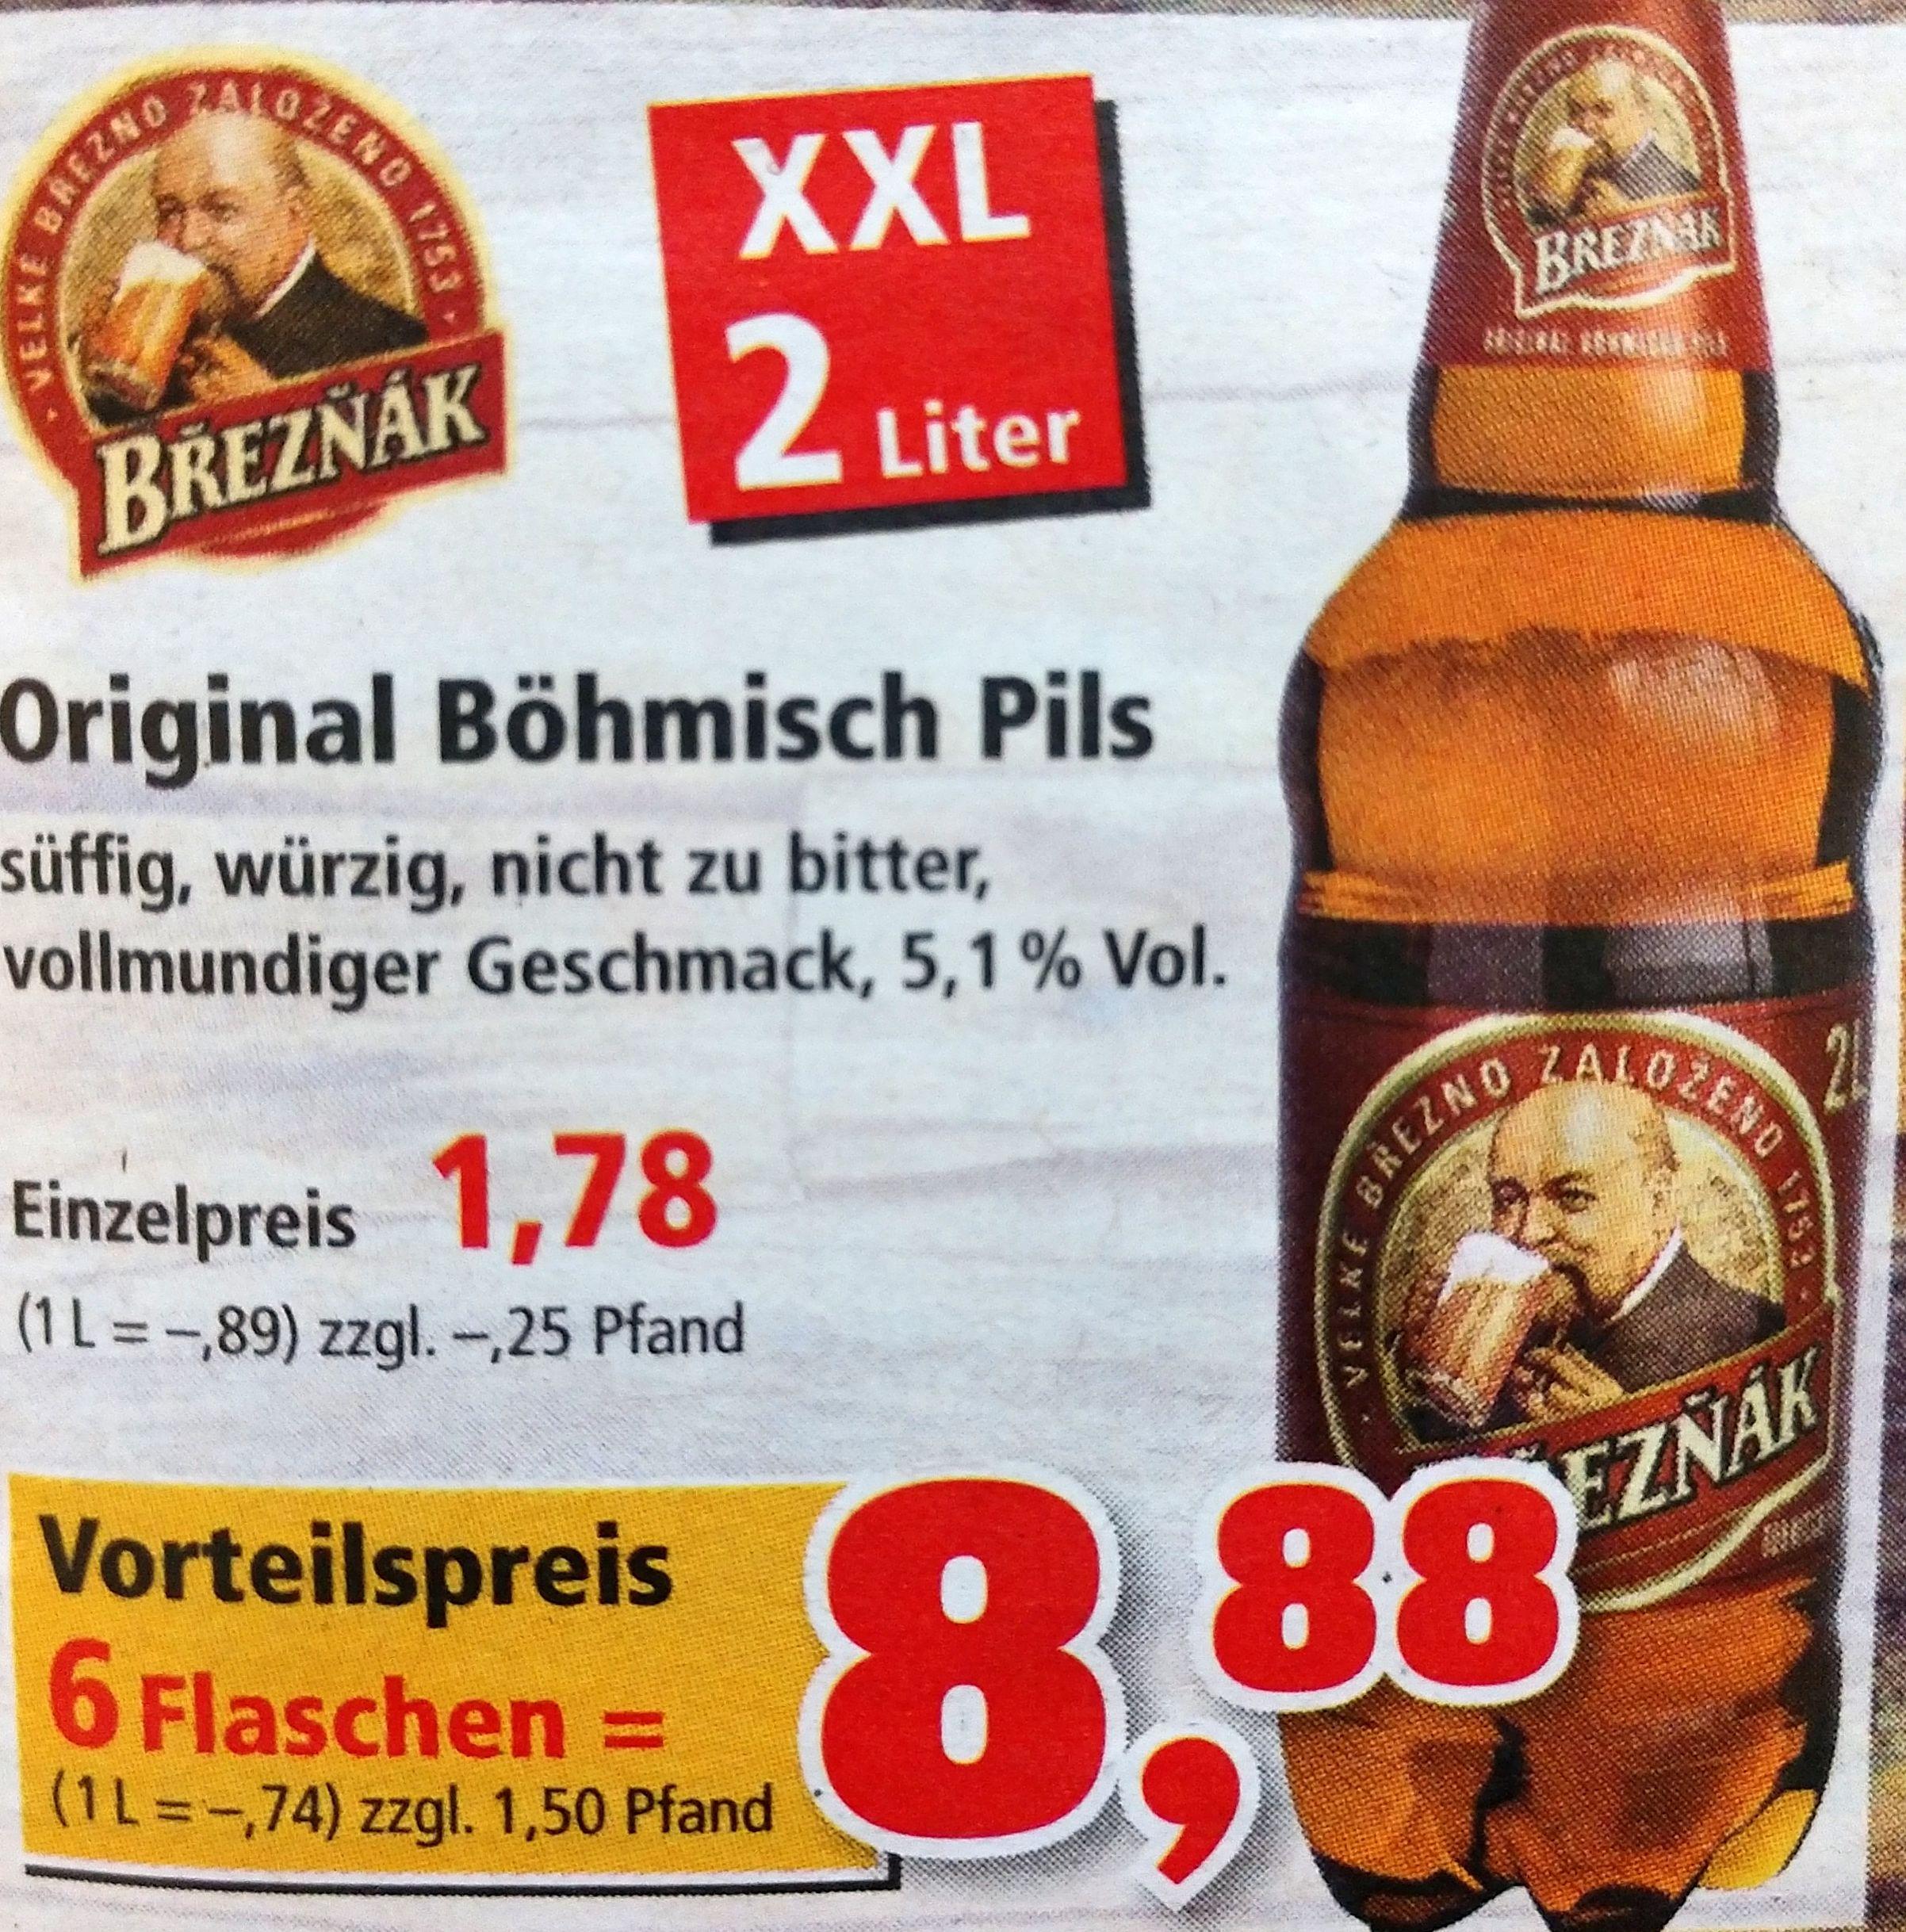 6x 2 Liter-Flaschen Breznak Original Böhmisch Pils für 8,88€ (0,74€/L) bei Thomas Philipps ab dem 03.06.